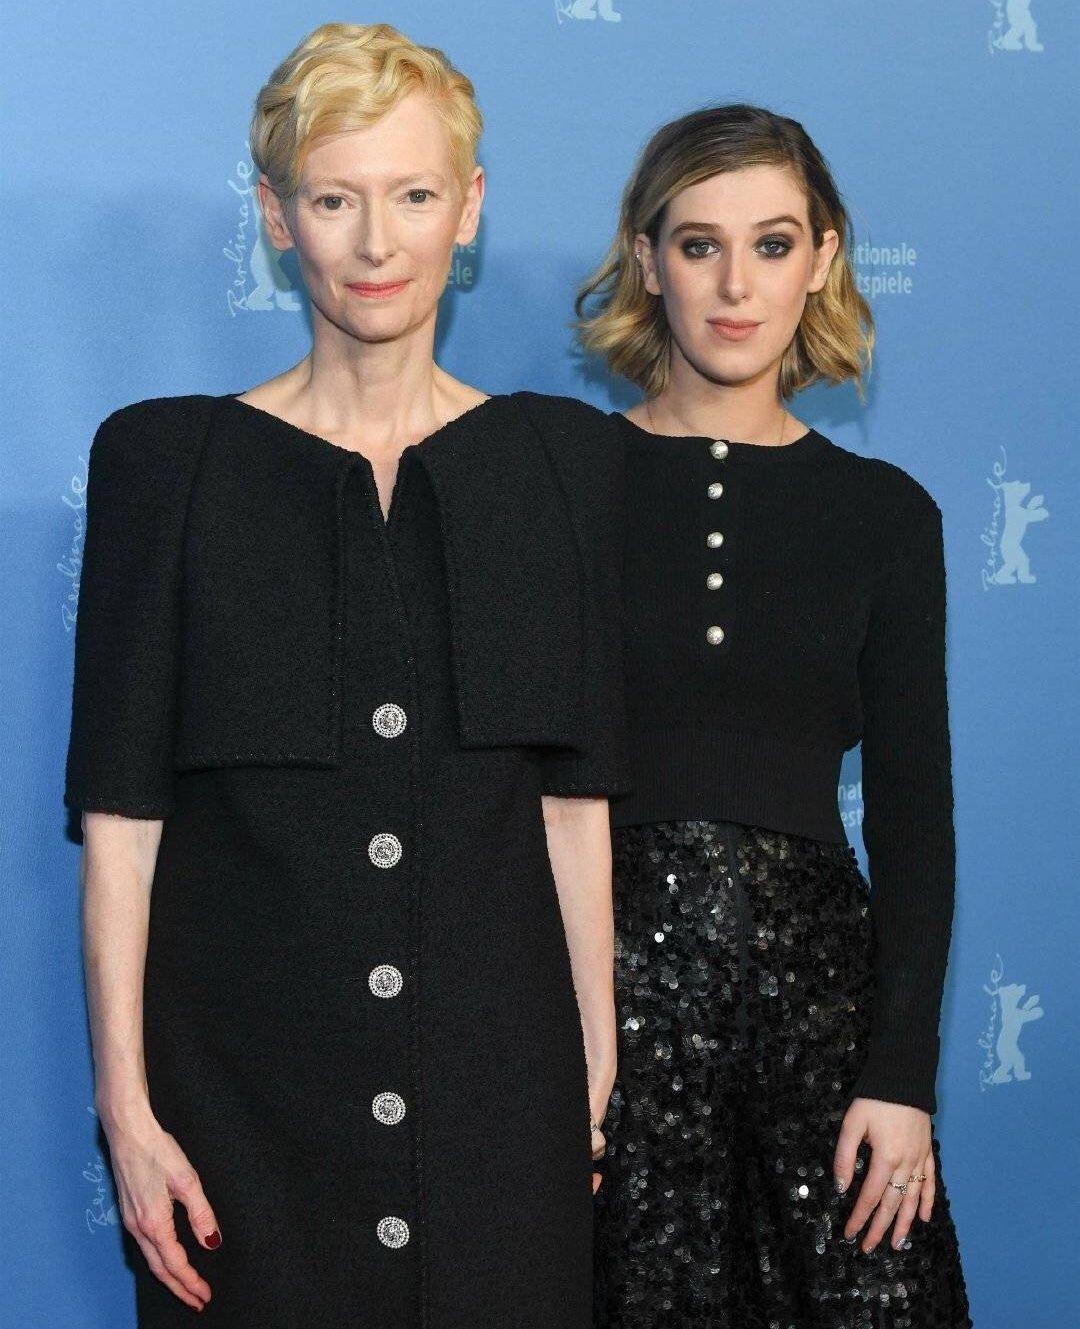 电影《纪念品》举行首映,女王蒂尔达·斯文顿和女儿亮相